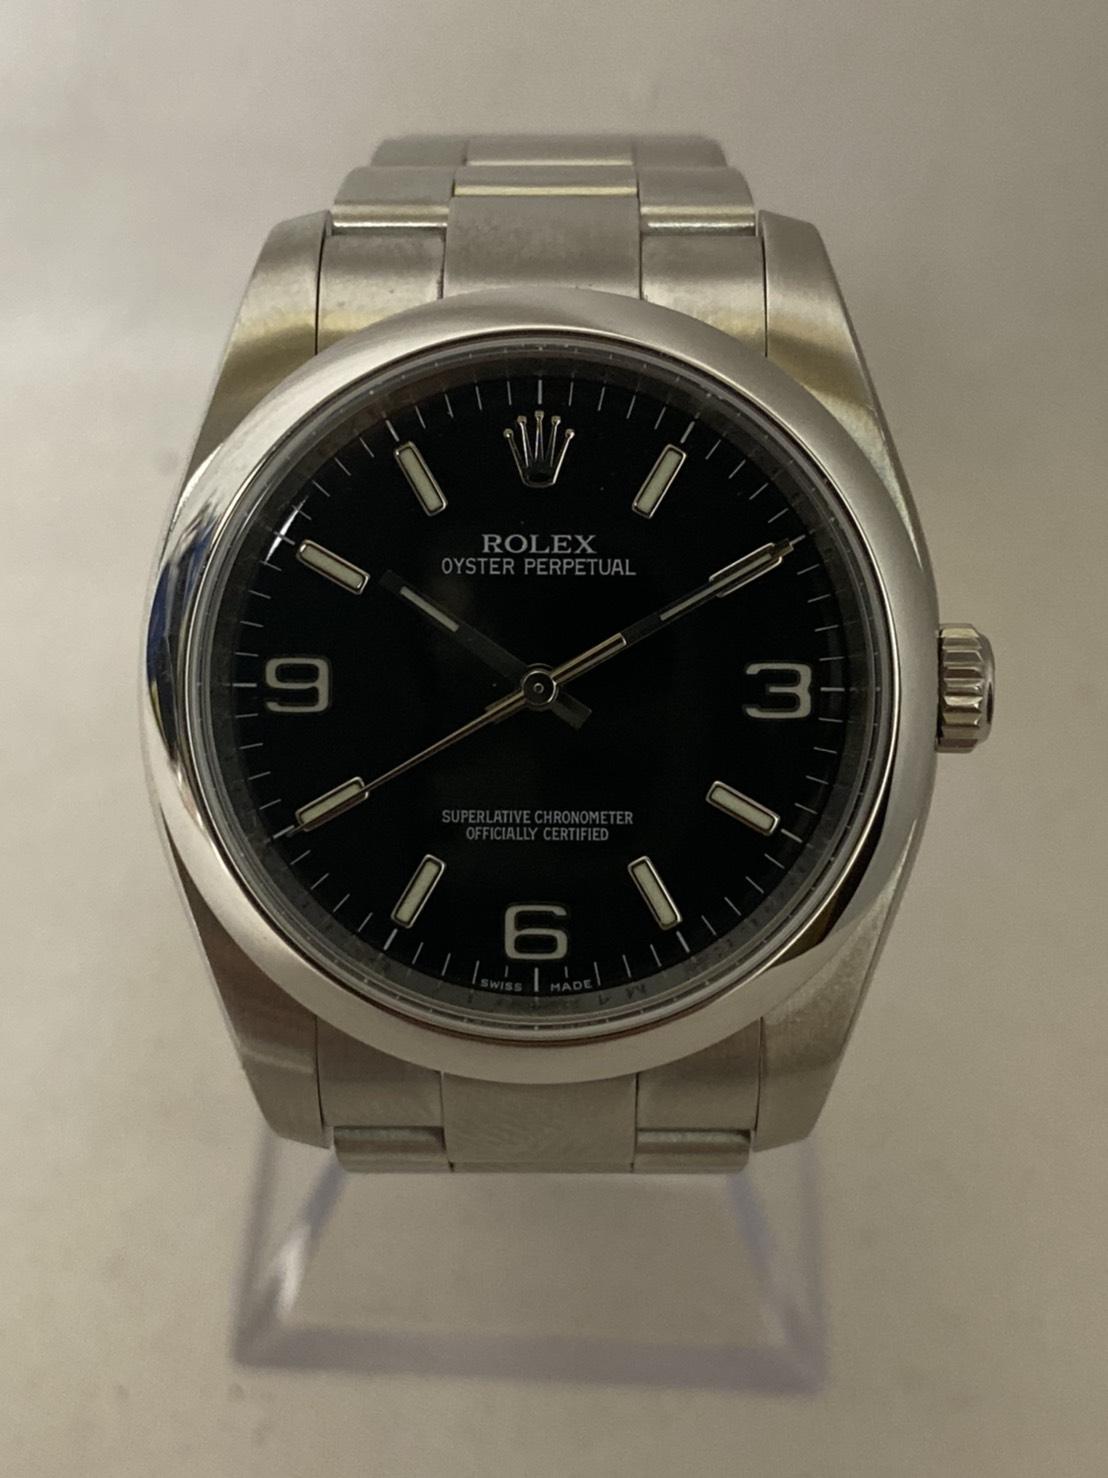 ブランド「ロレックス」商品名「オイスターパーペチュアル」型番「116000」カラー「ブラック」